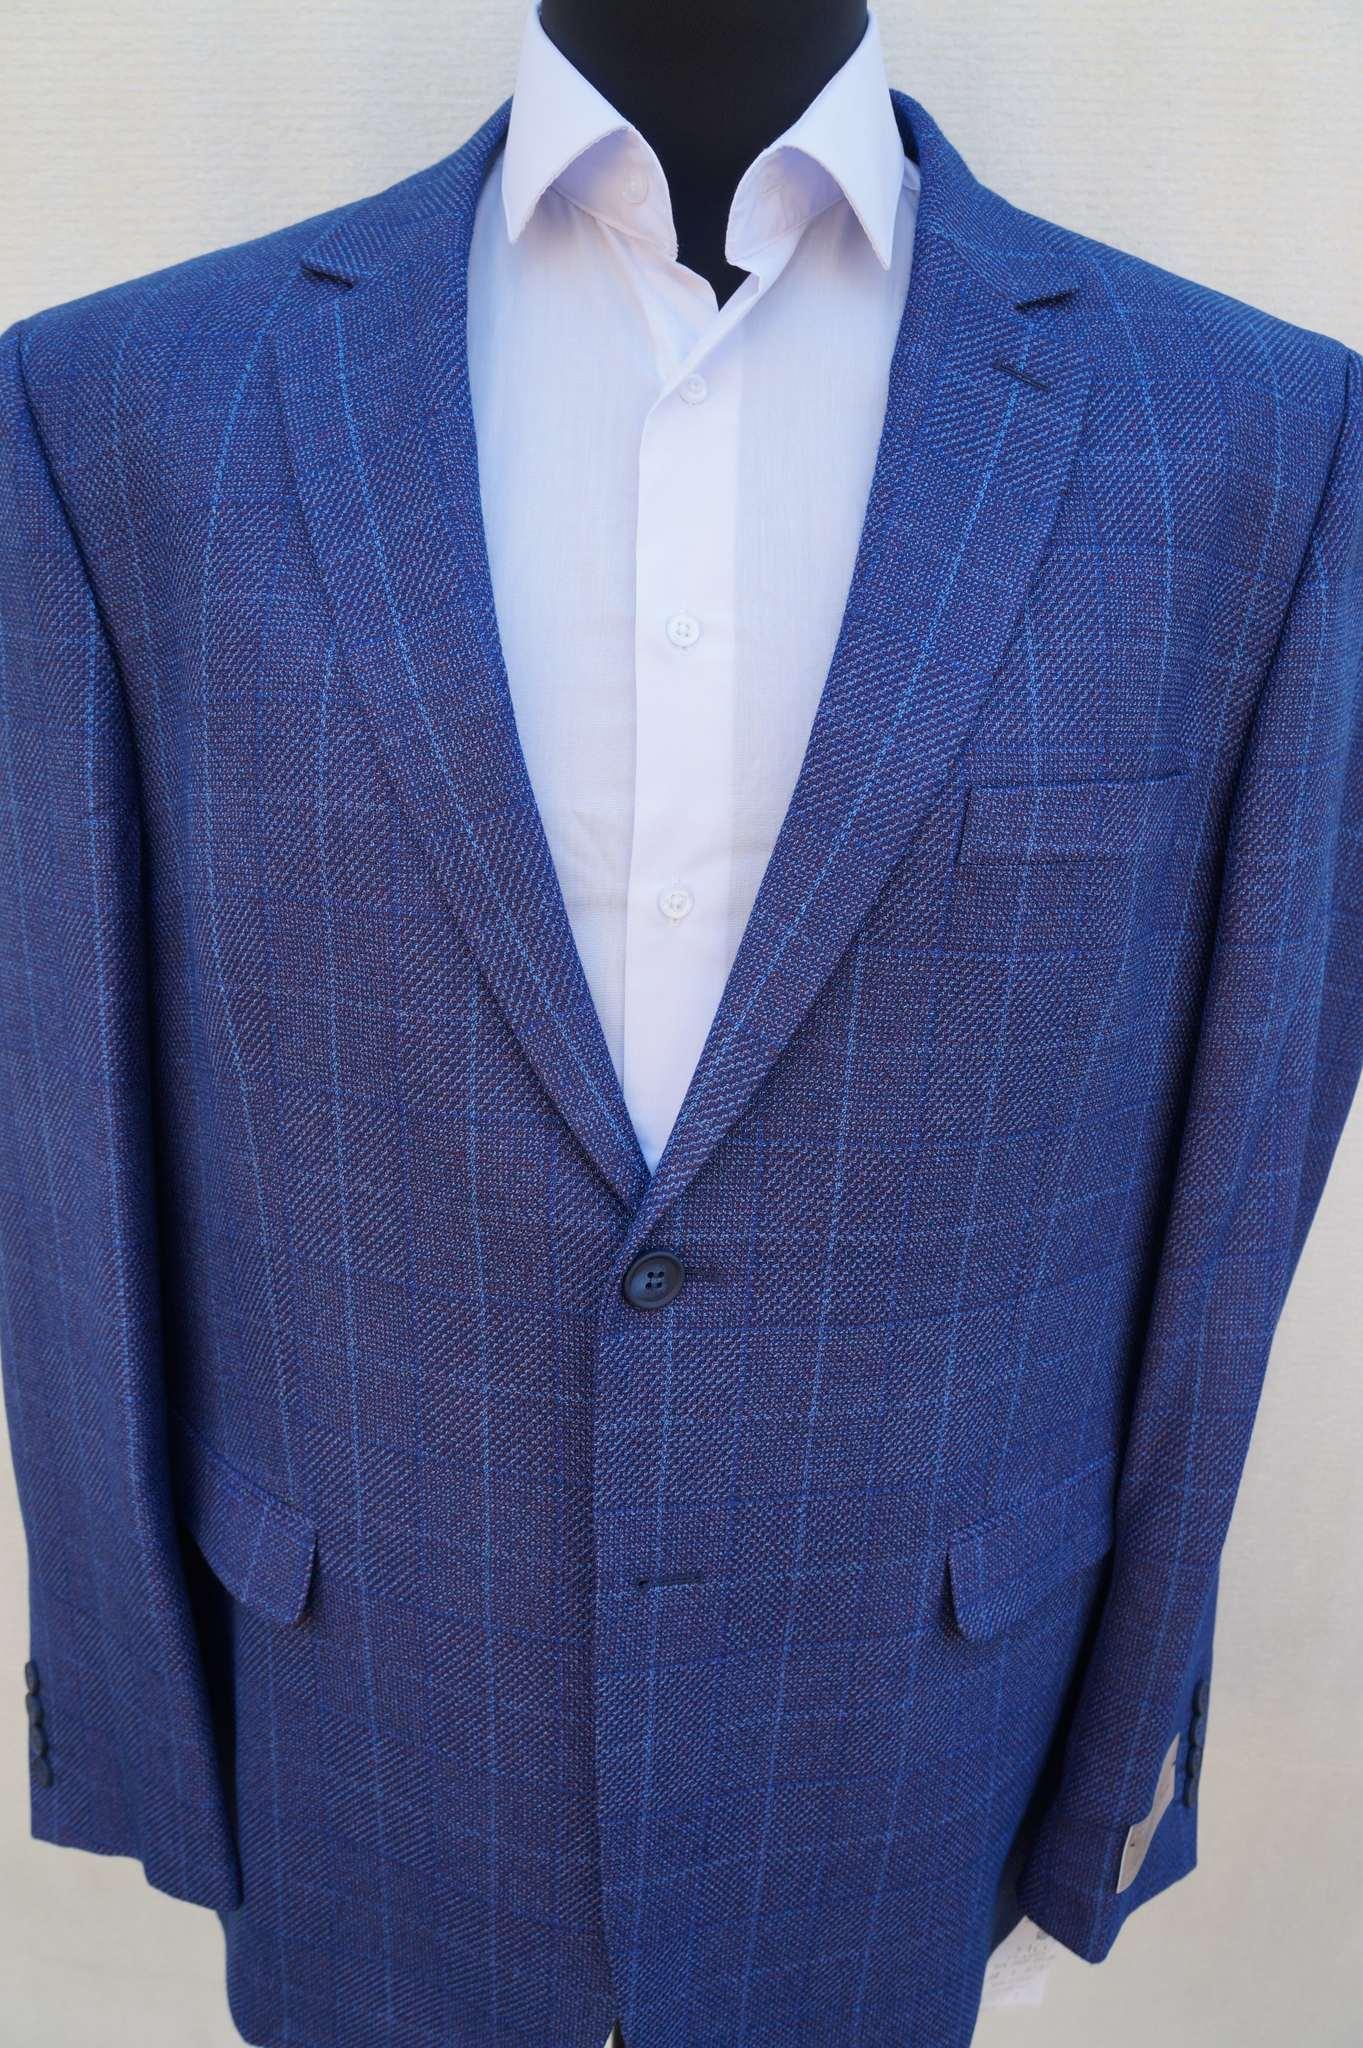 Пиджаки великаны SACO / Пиджак великан DSC00827-min.JPG